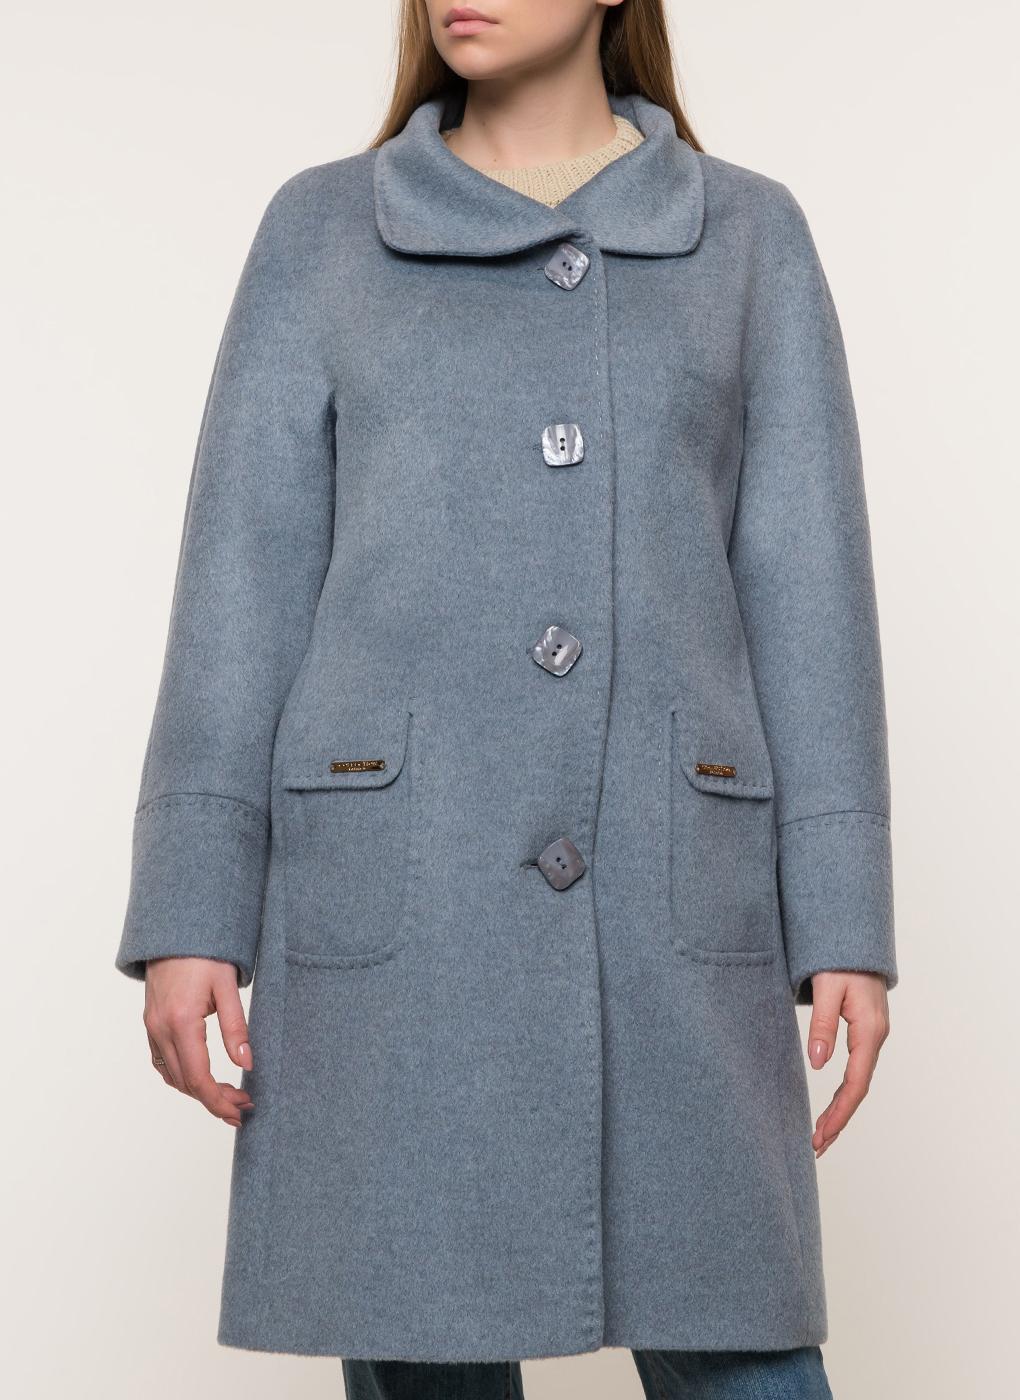 Пальто прямое полушерстяное 40, КАЛЯЕВ фото